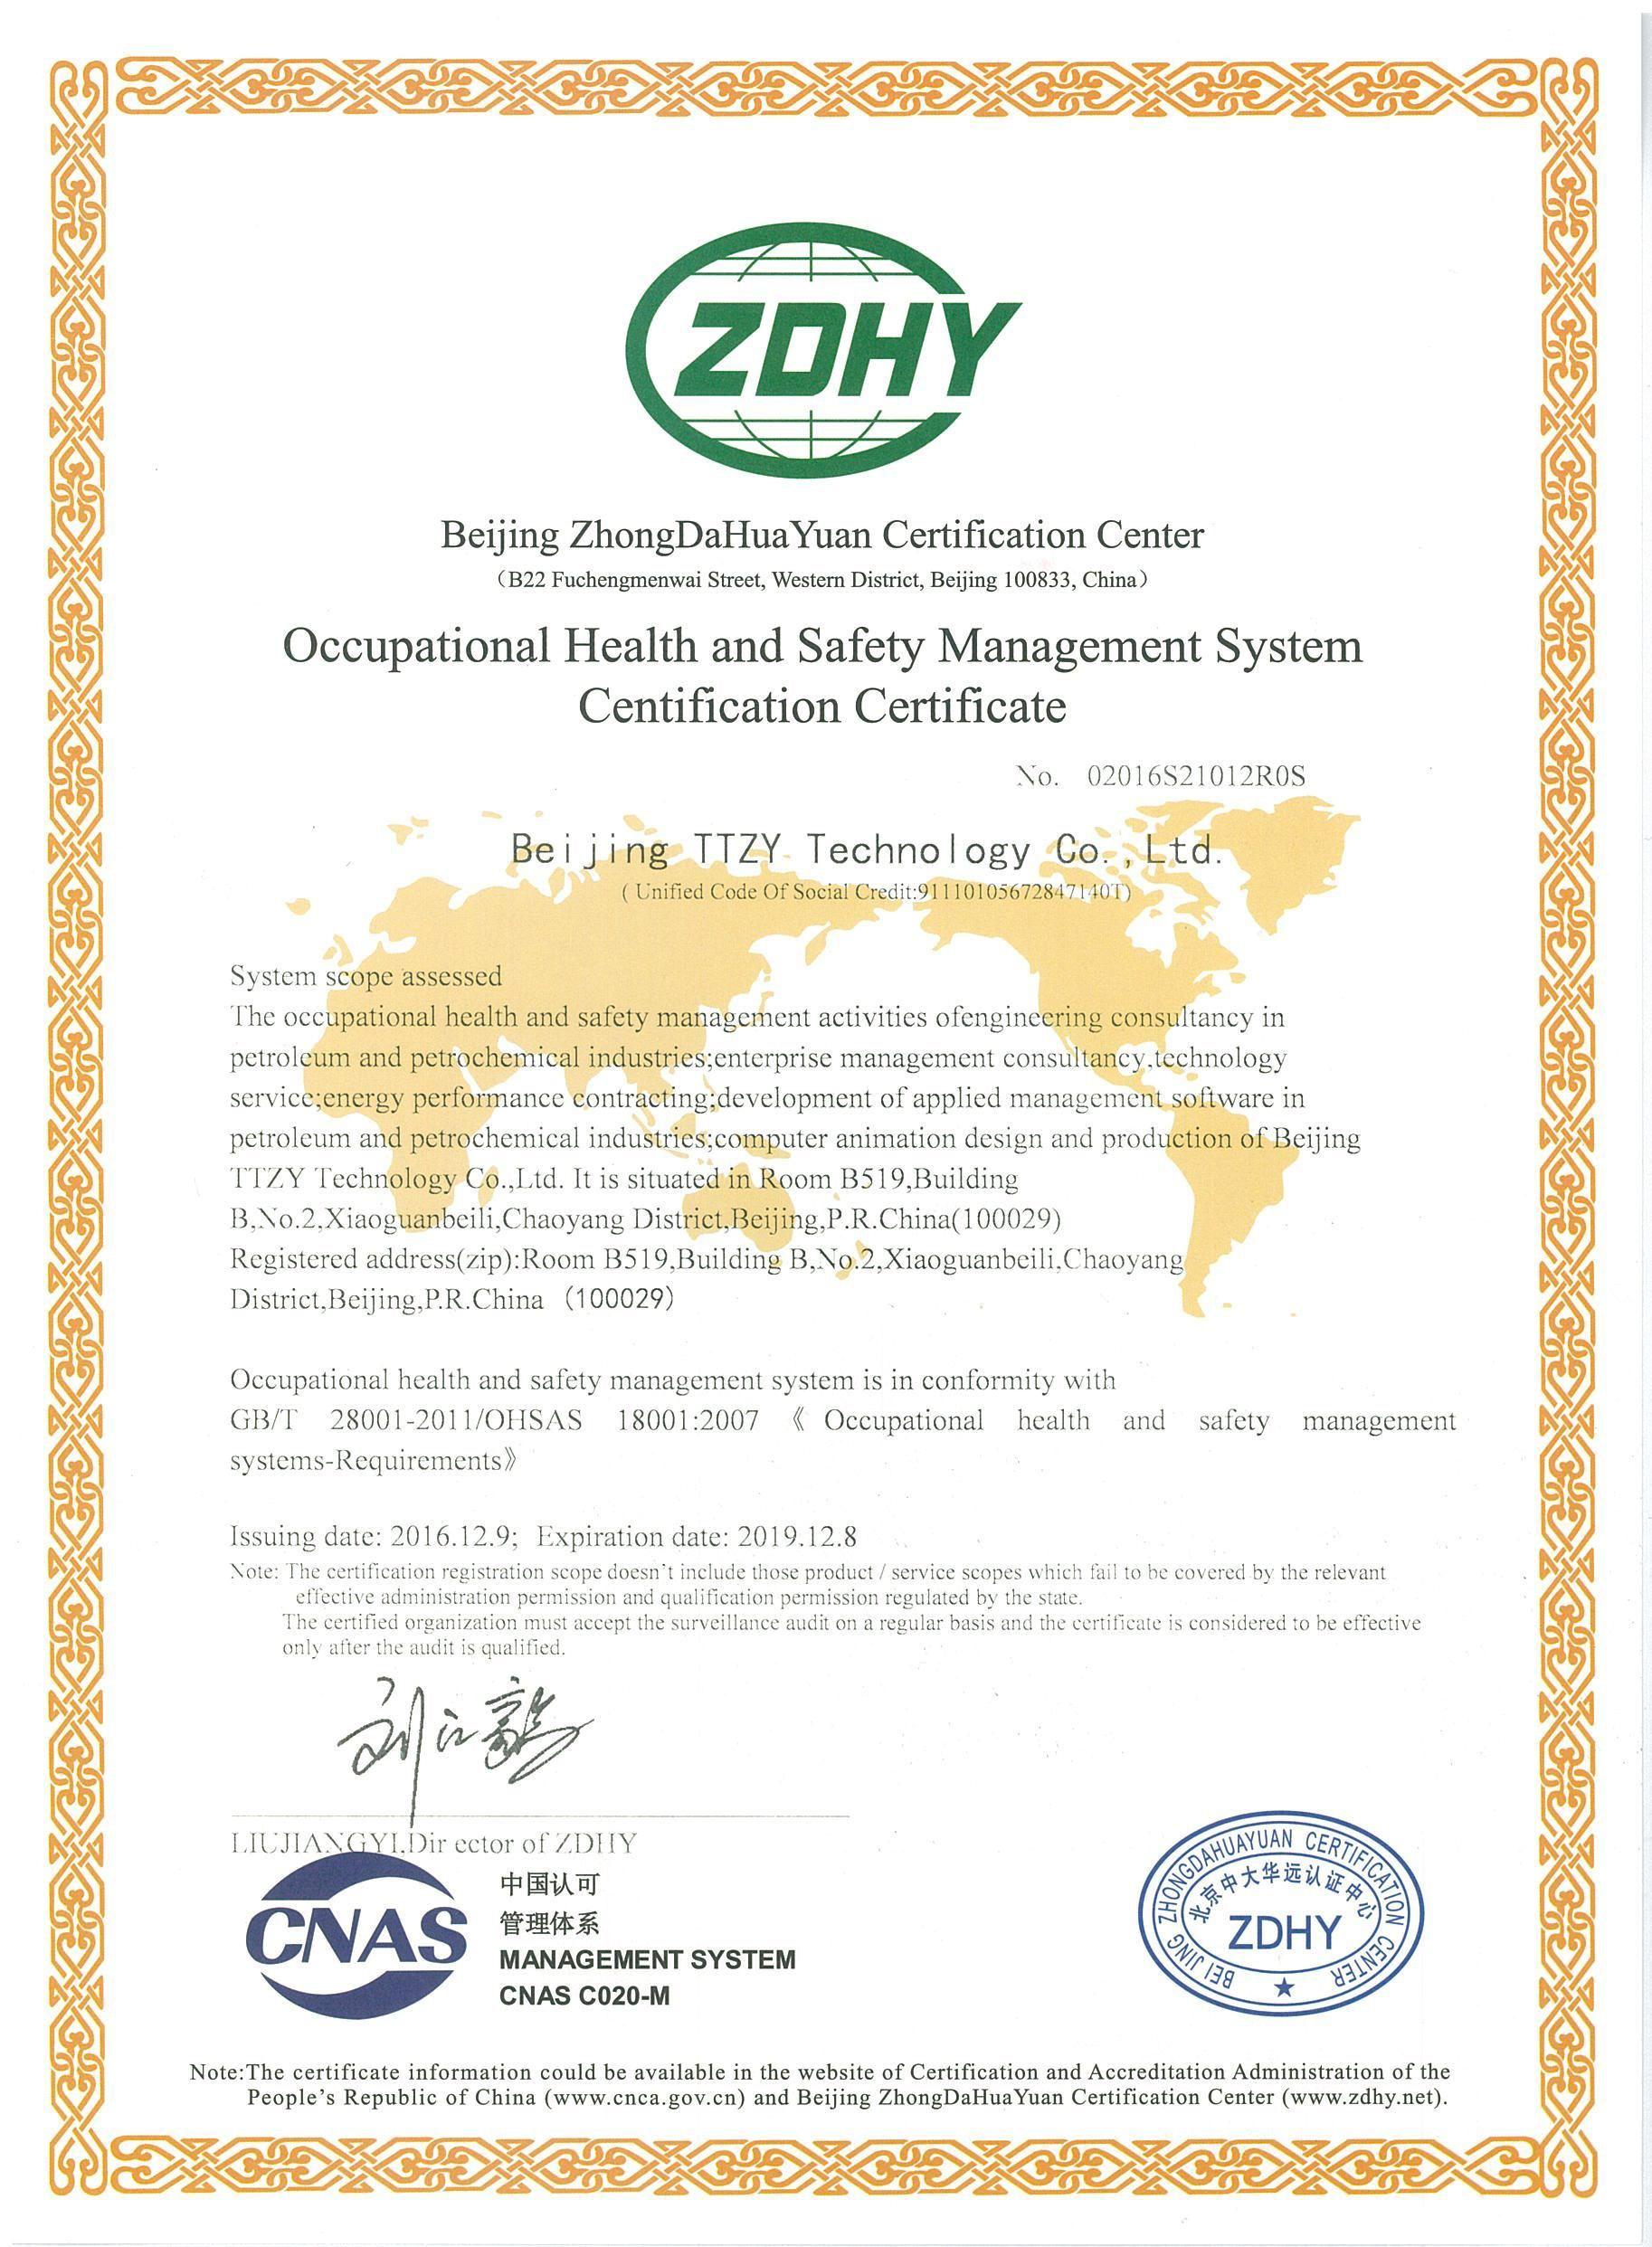 天泰志远:职业健康安全管理体系认证证书(英文)